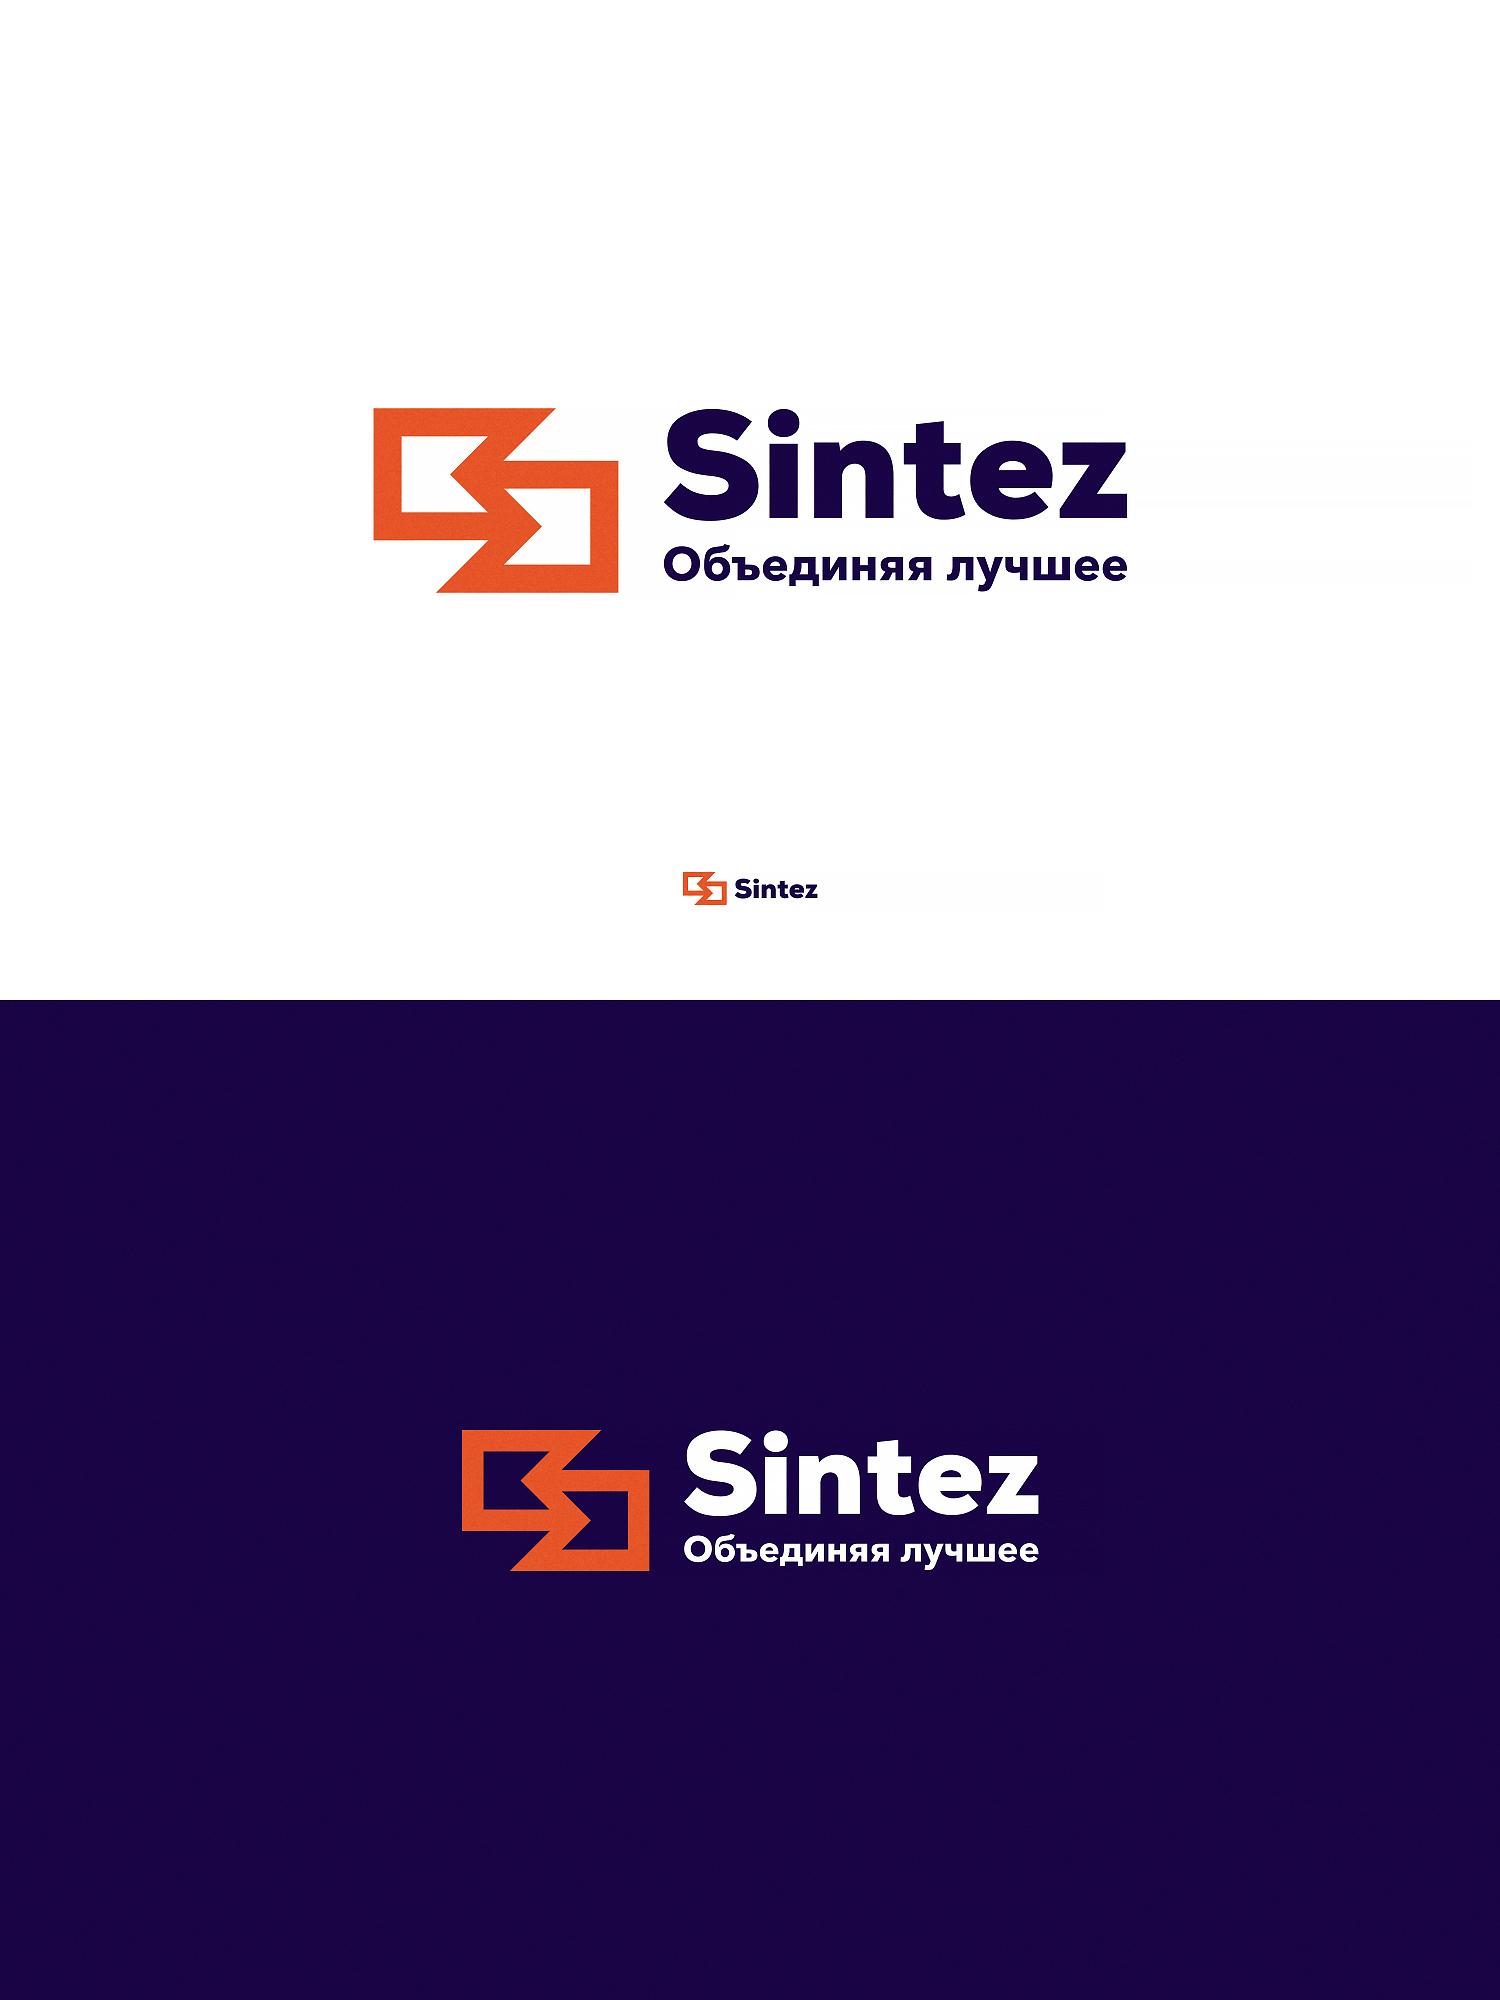 Разрабтка логотипа компании и фирменного шрифта фото f_2565f626afabf14b.jpg